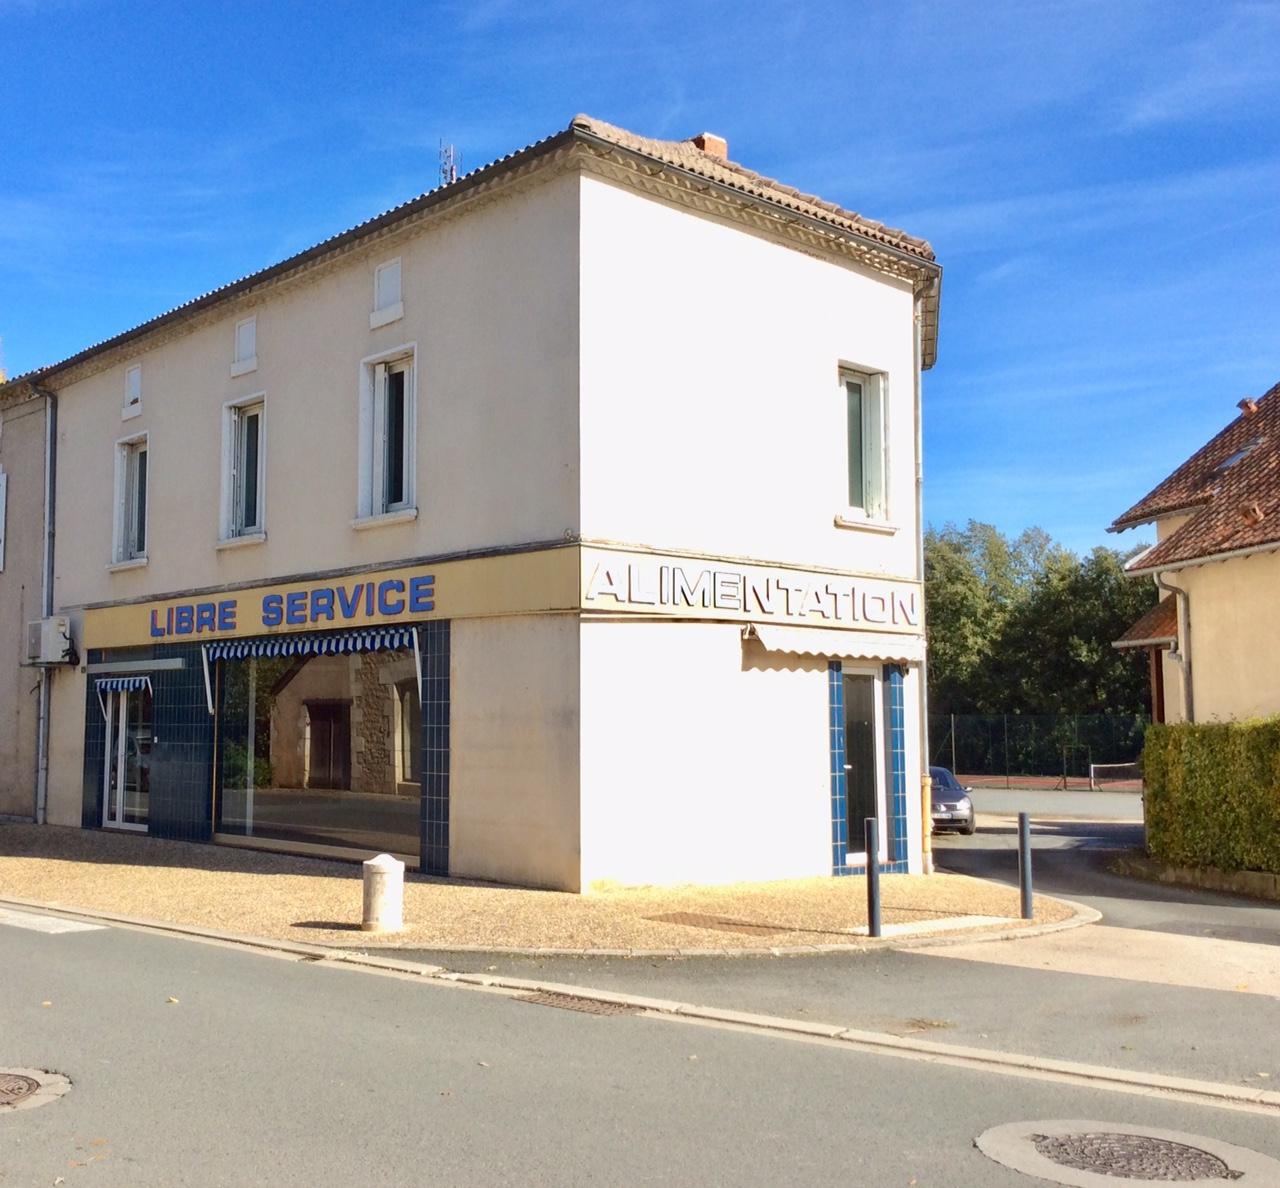 Offre n° 7 – Local commercial + habitation à Corgnac sur l'Isle